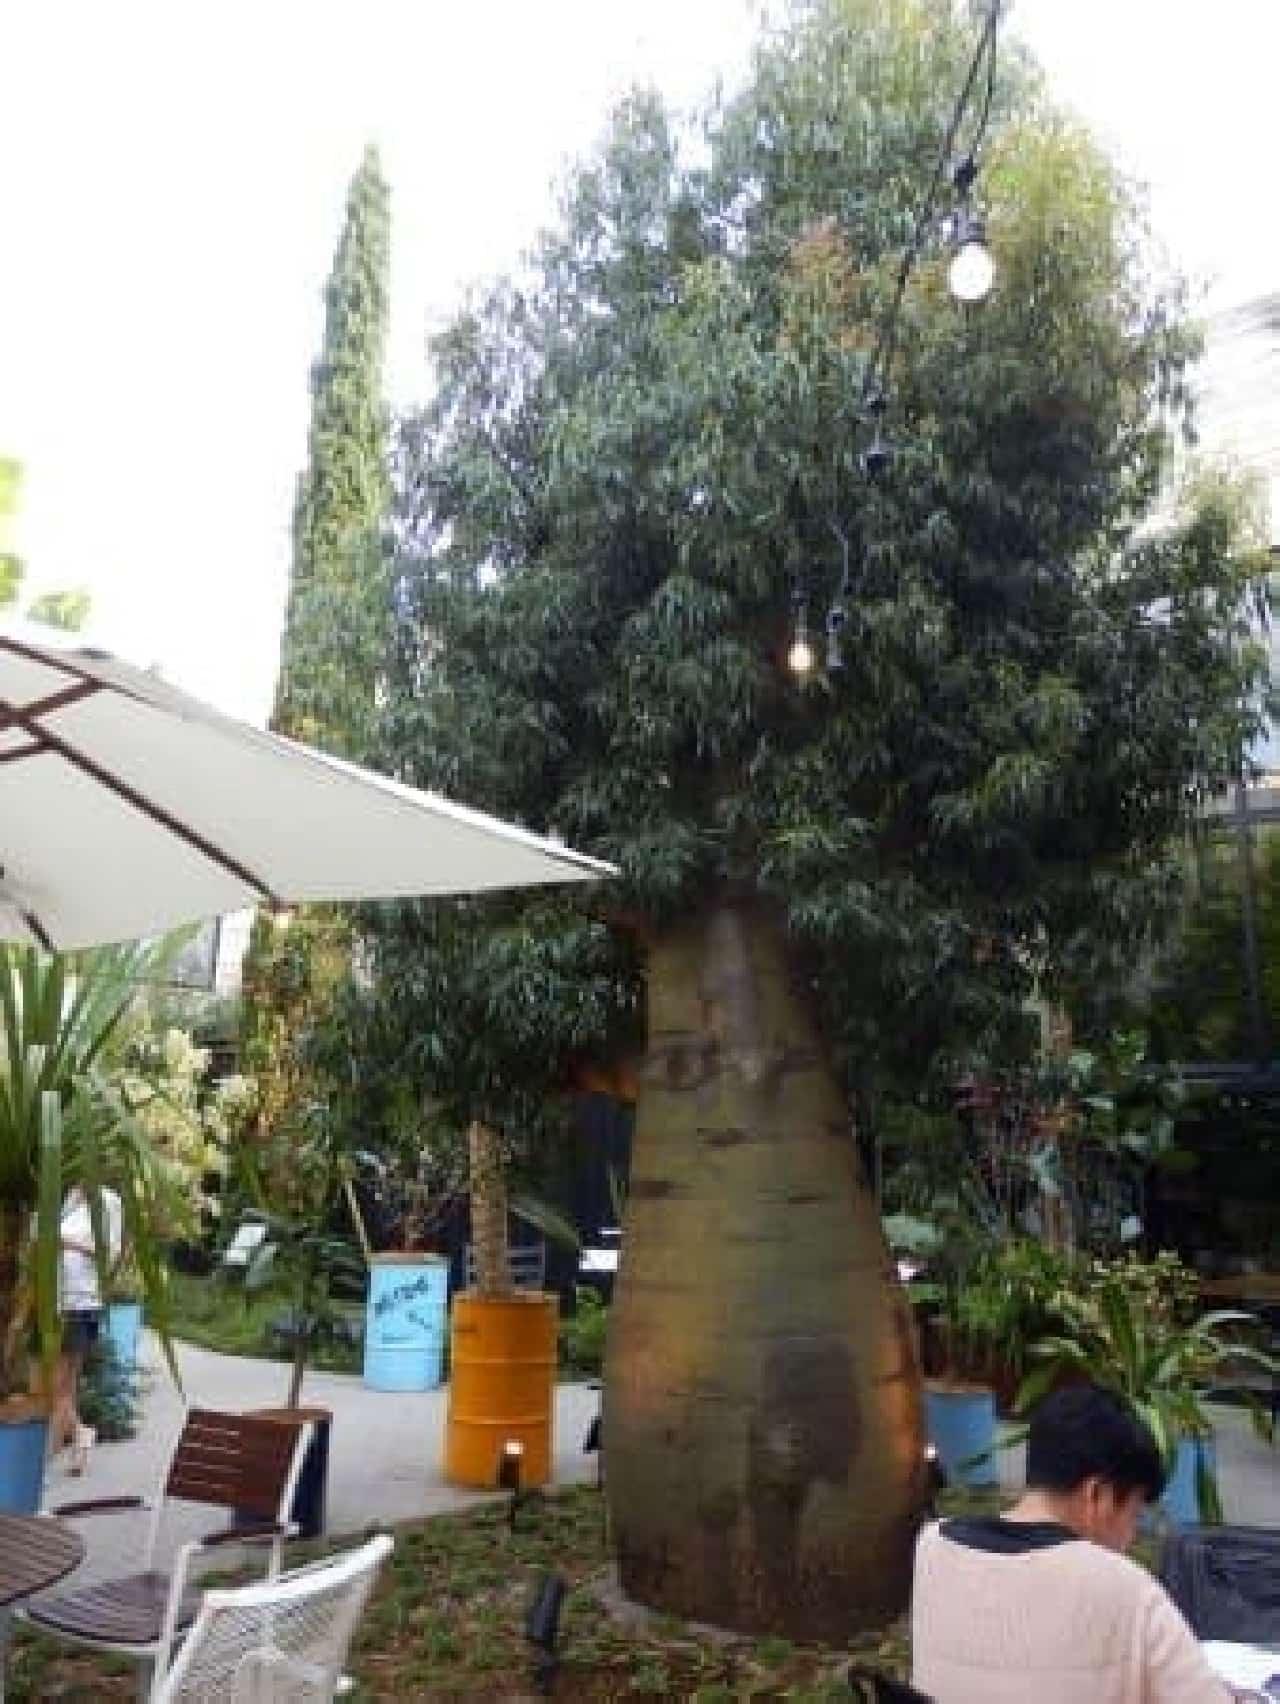 立派なボトルツリーは「代々木 VILLAGE」のシンボル